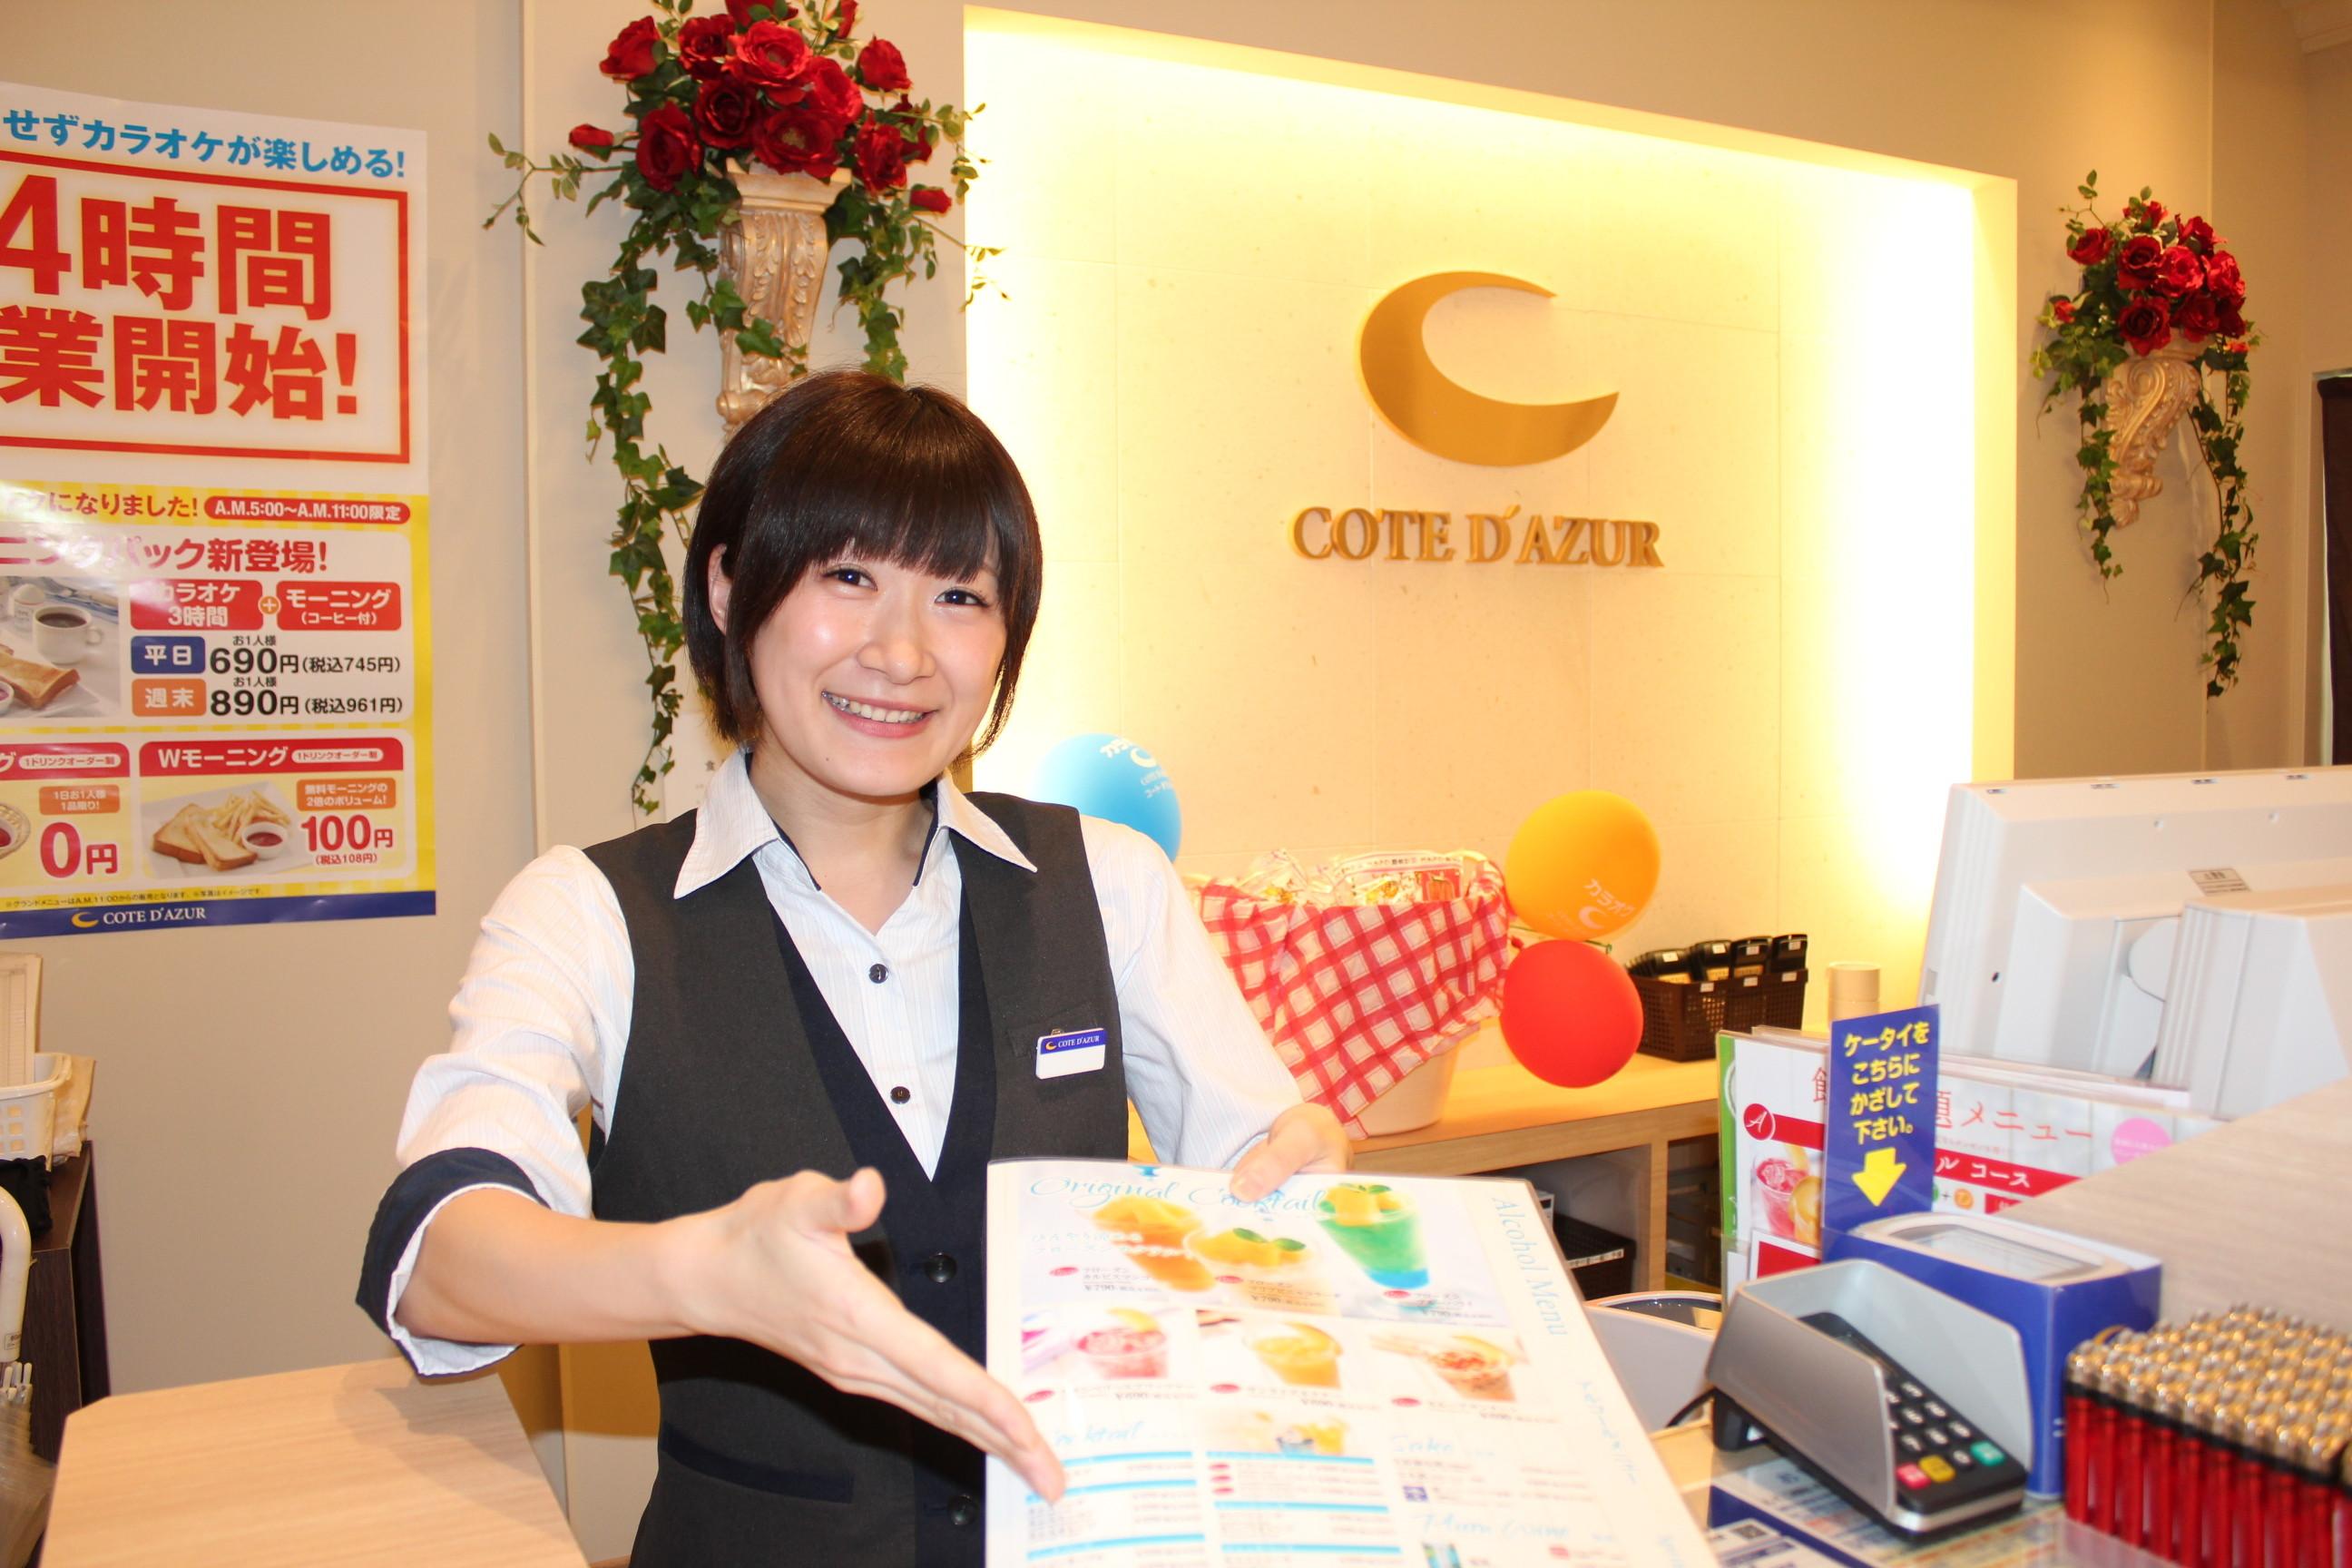 コート・ダジュール 横浜関内店 のアルバイト情報